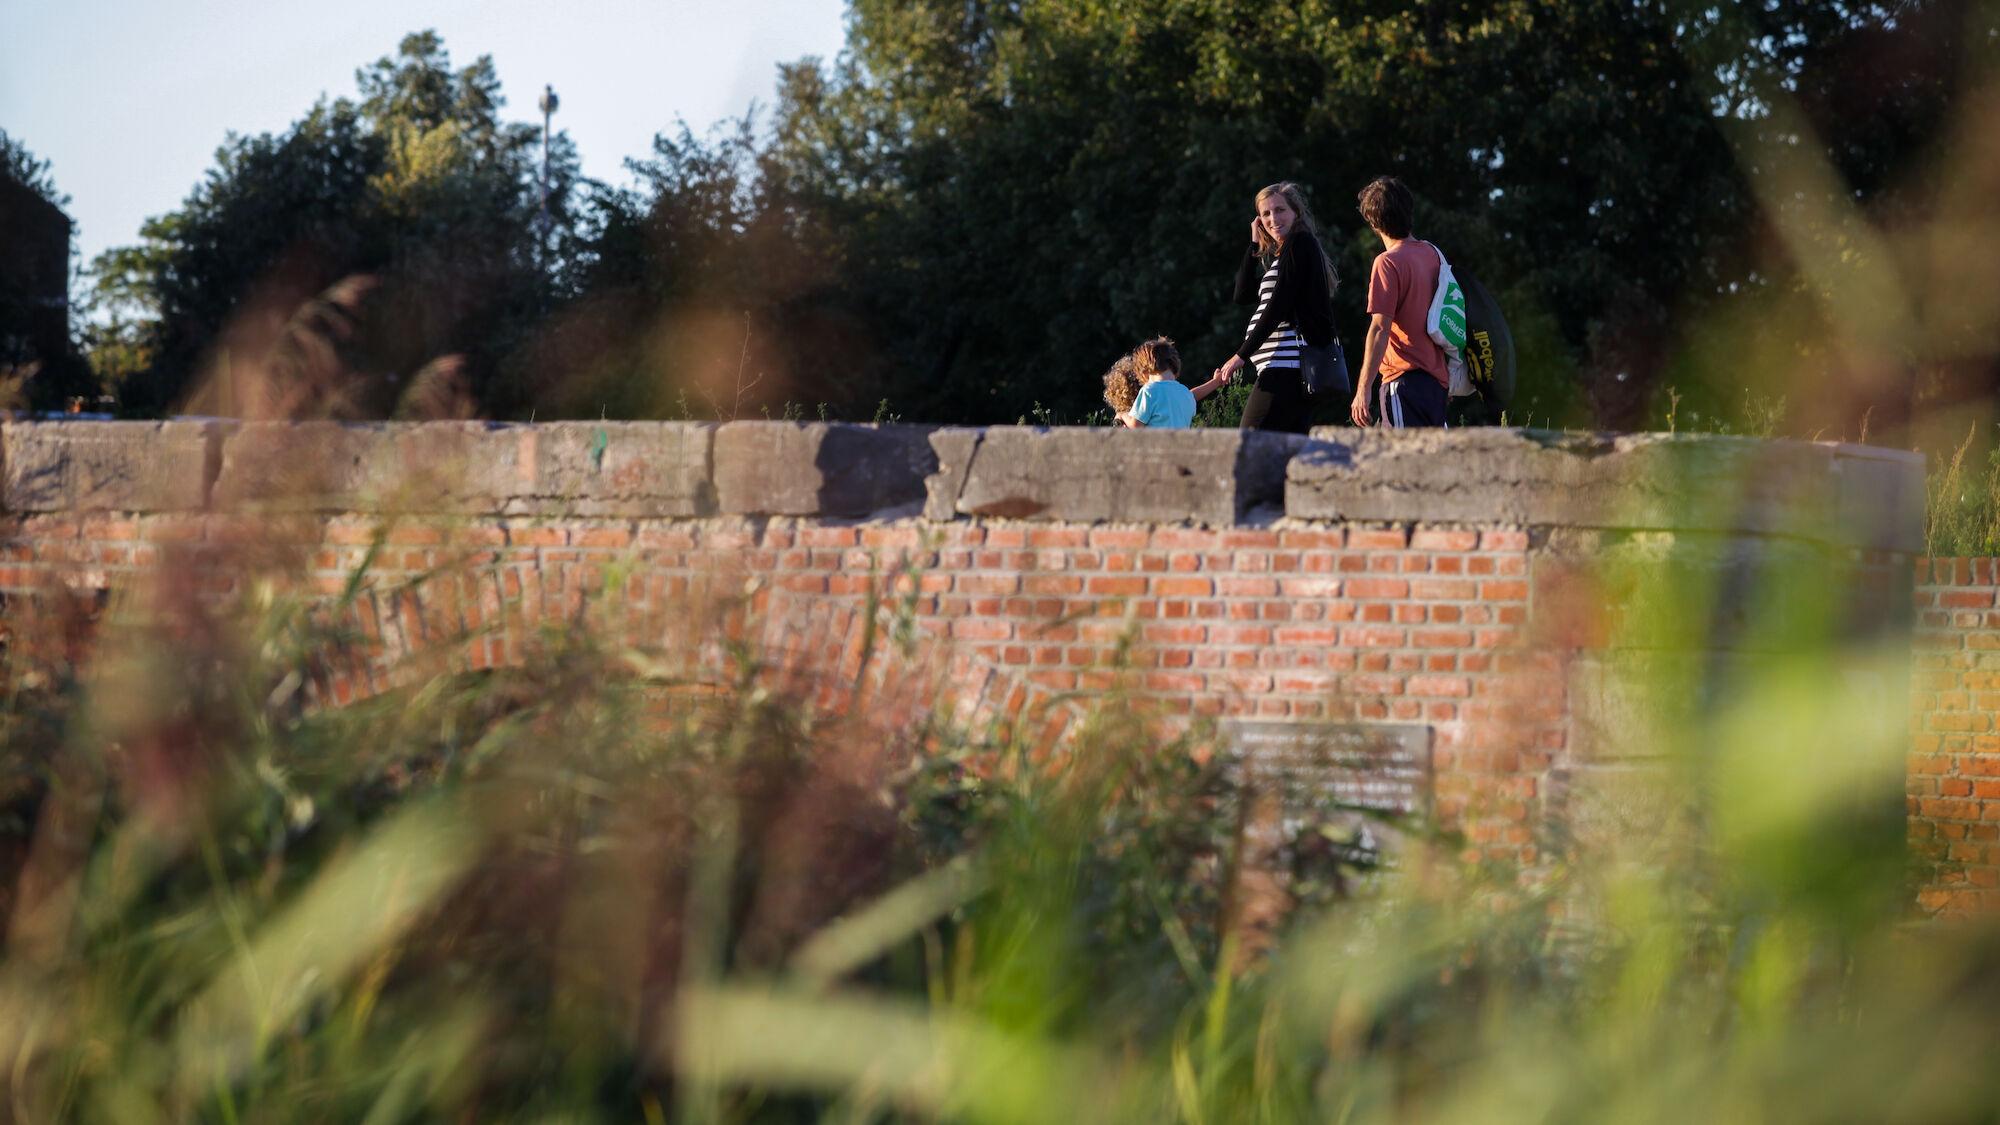 2020-09-08 Wijk 10 Nieuwe Dokken SchipperskaaiIMG_9533.jpg